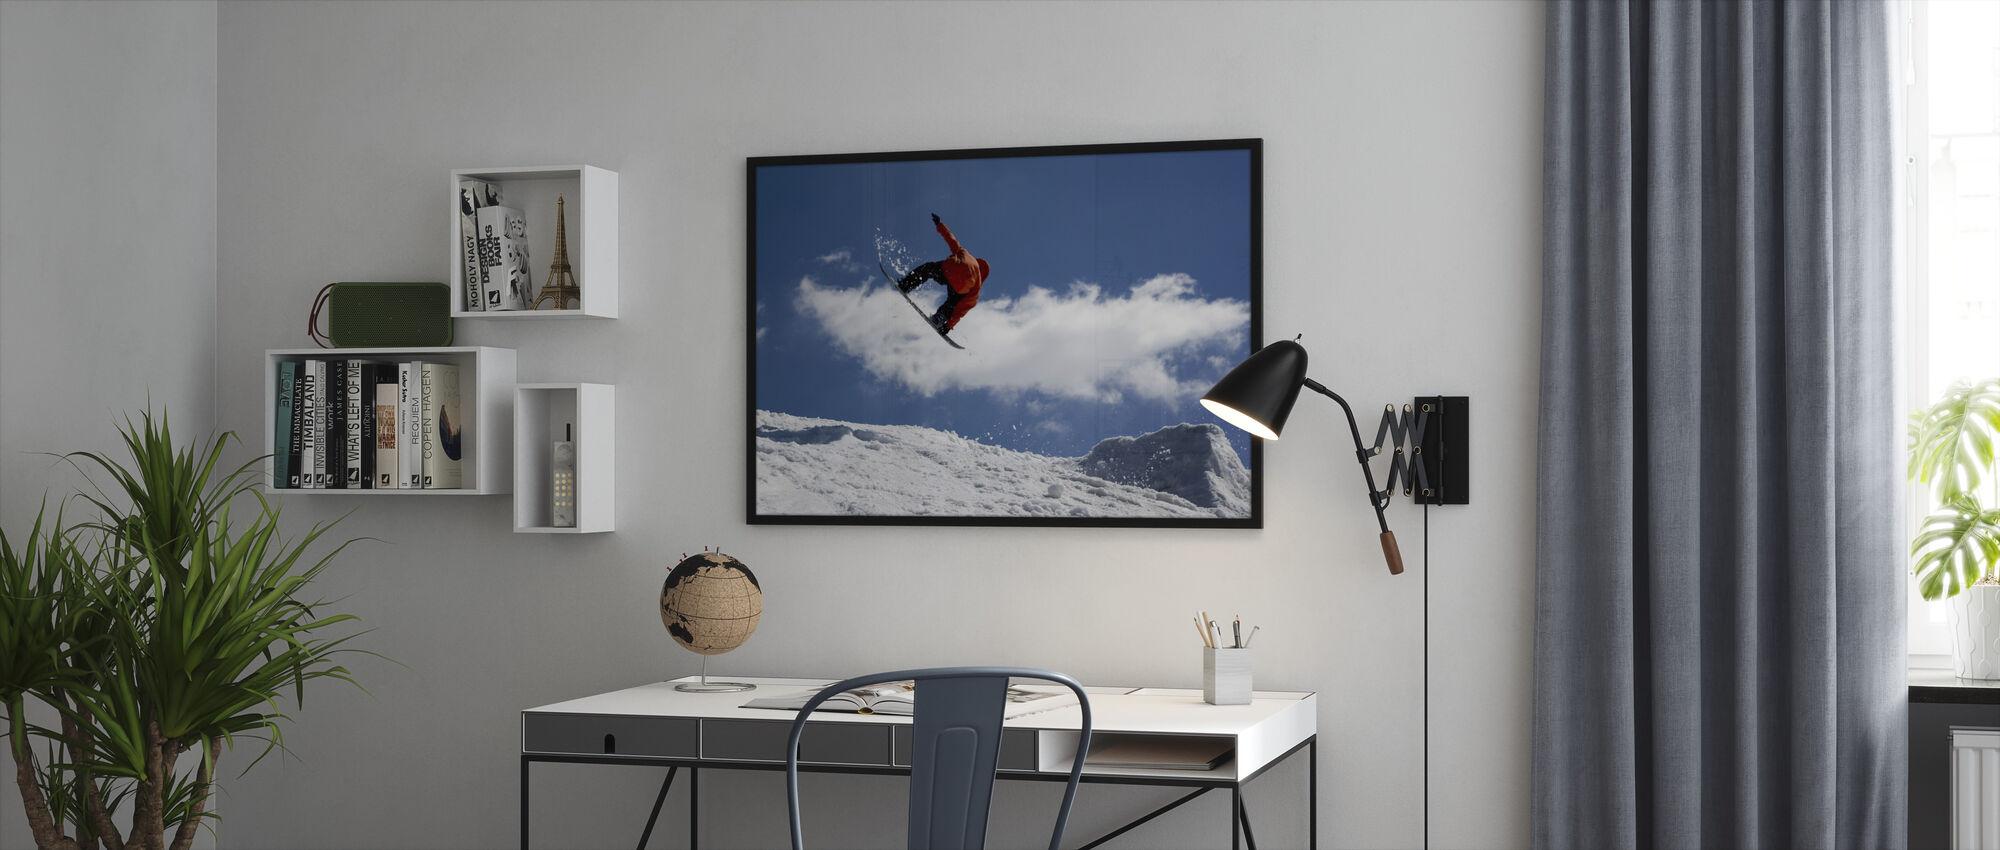 Snowboard Jump van Ramp - Ingelijste print - Kantoor